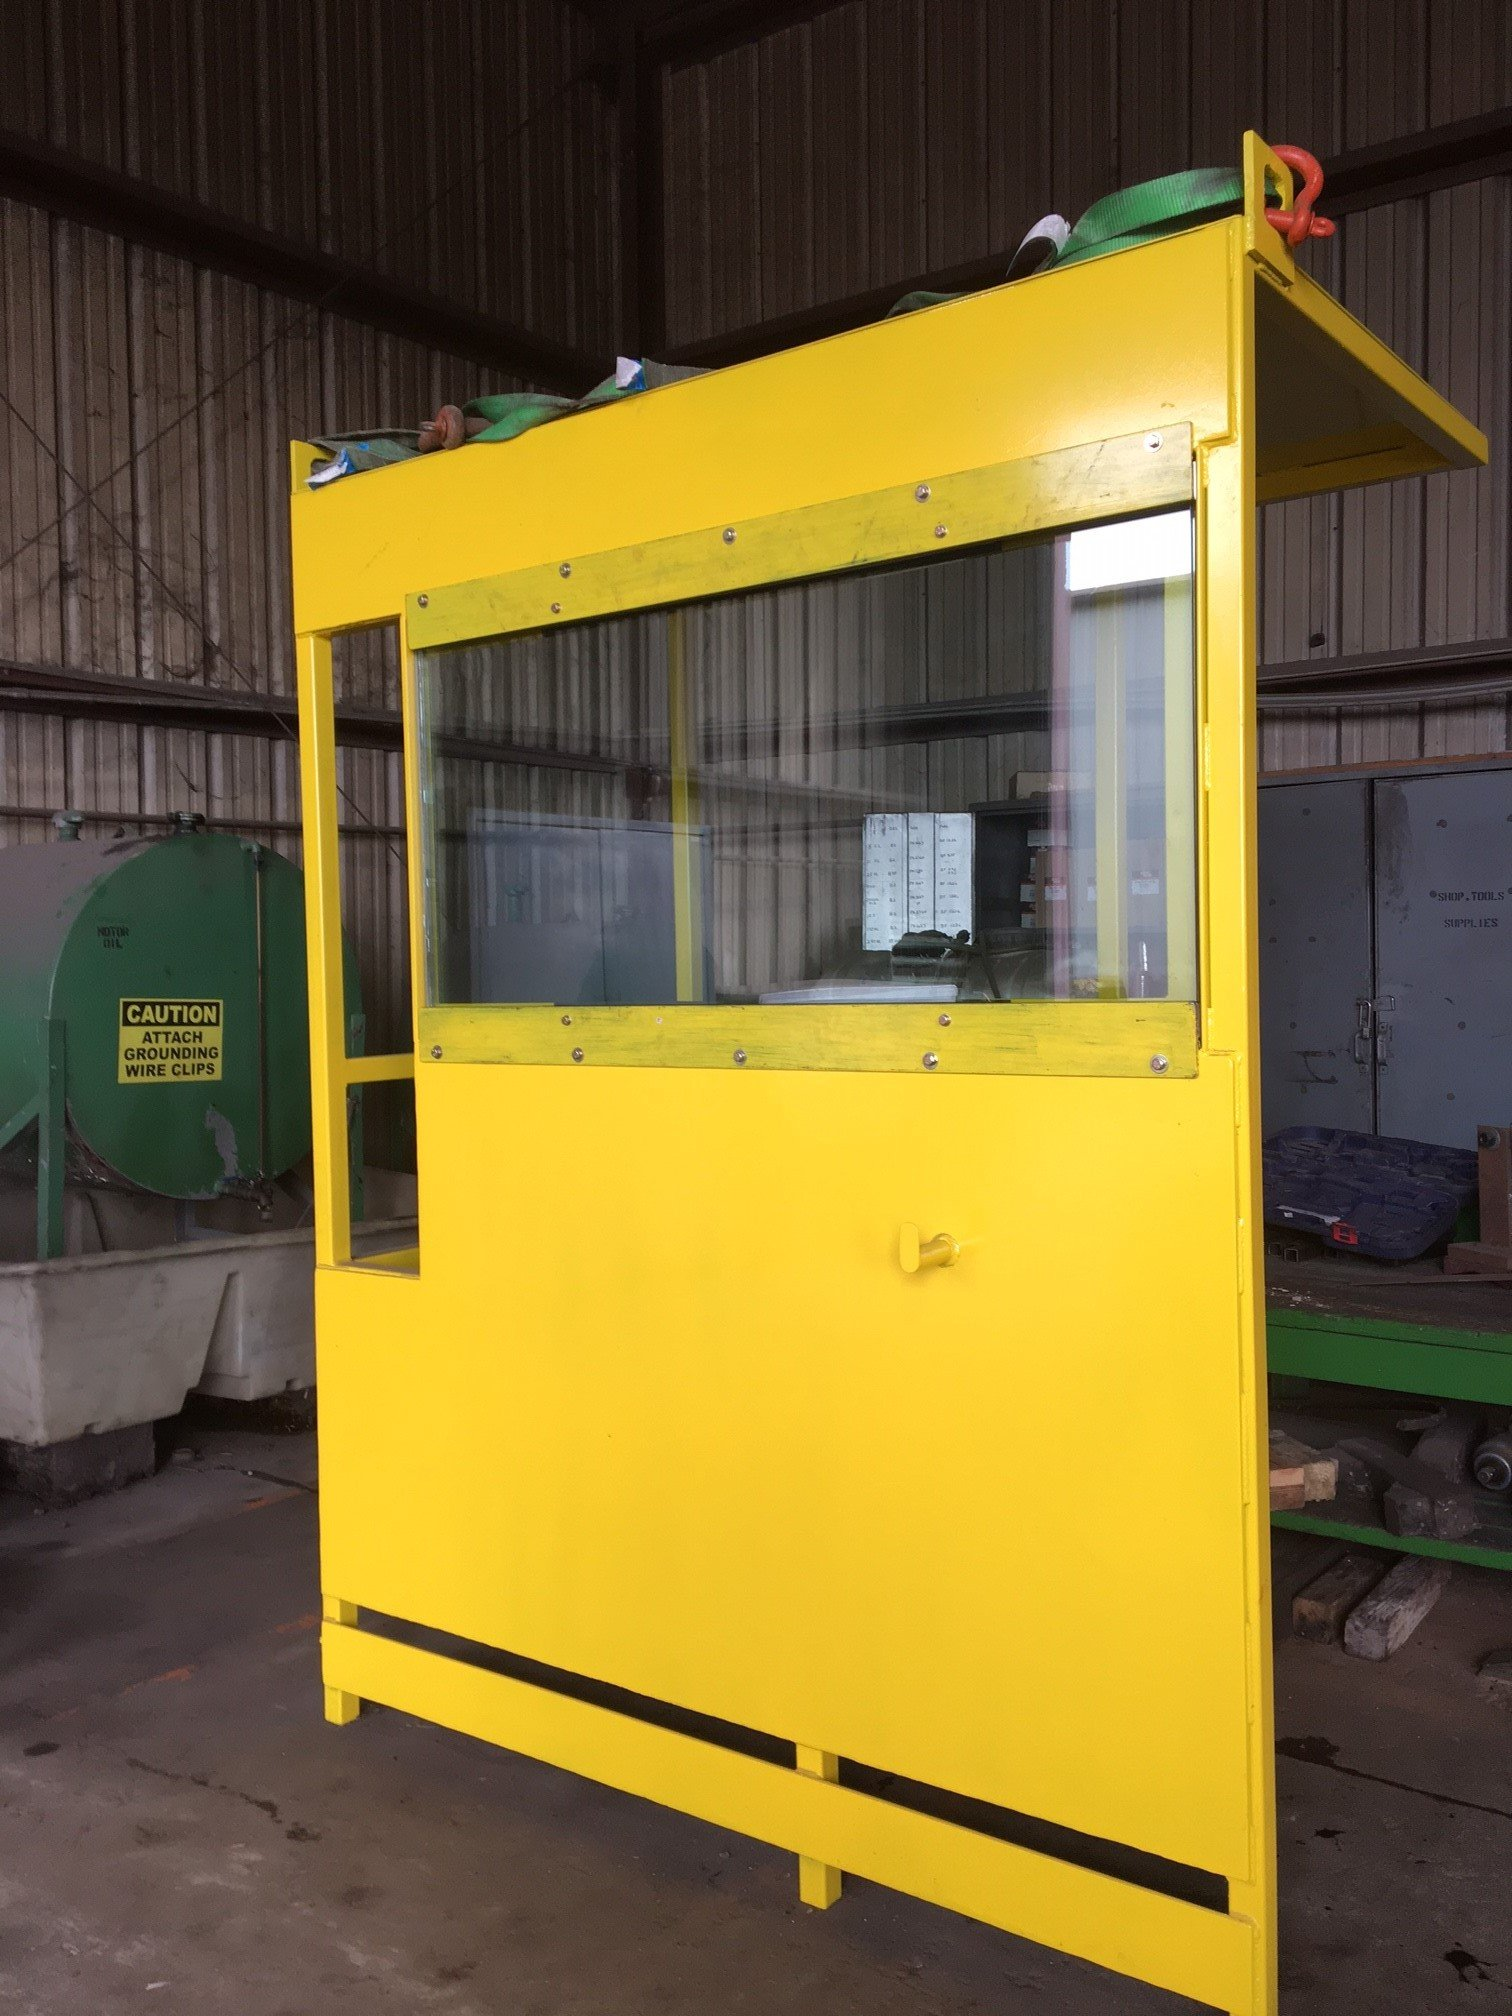 yellow glass box